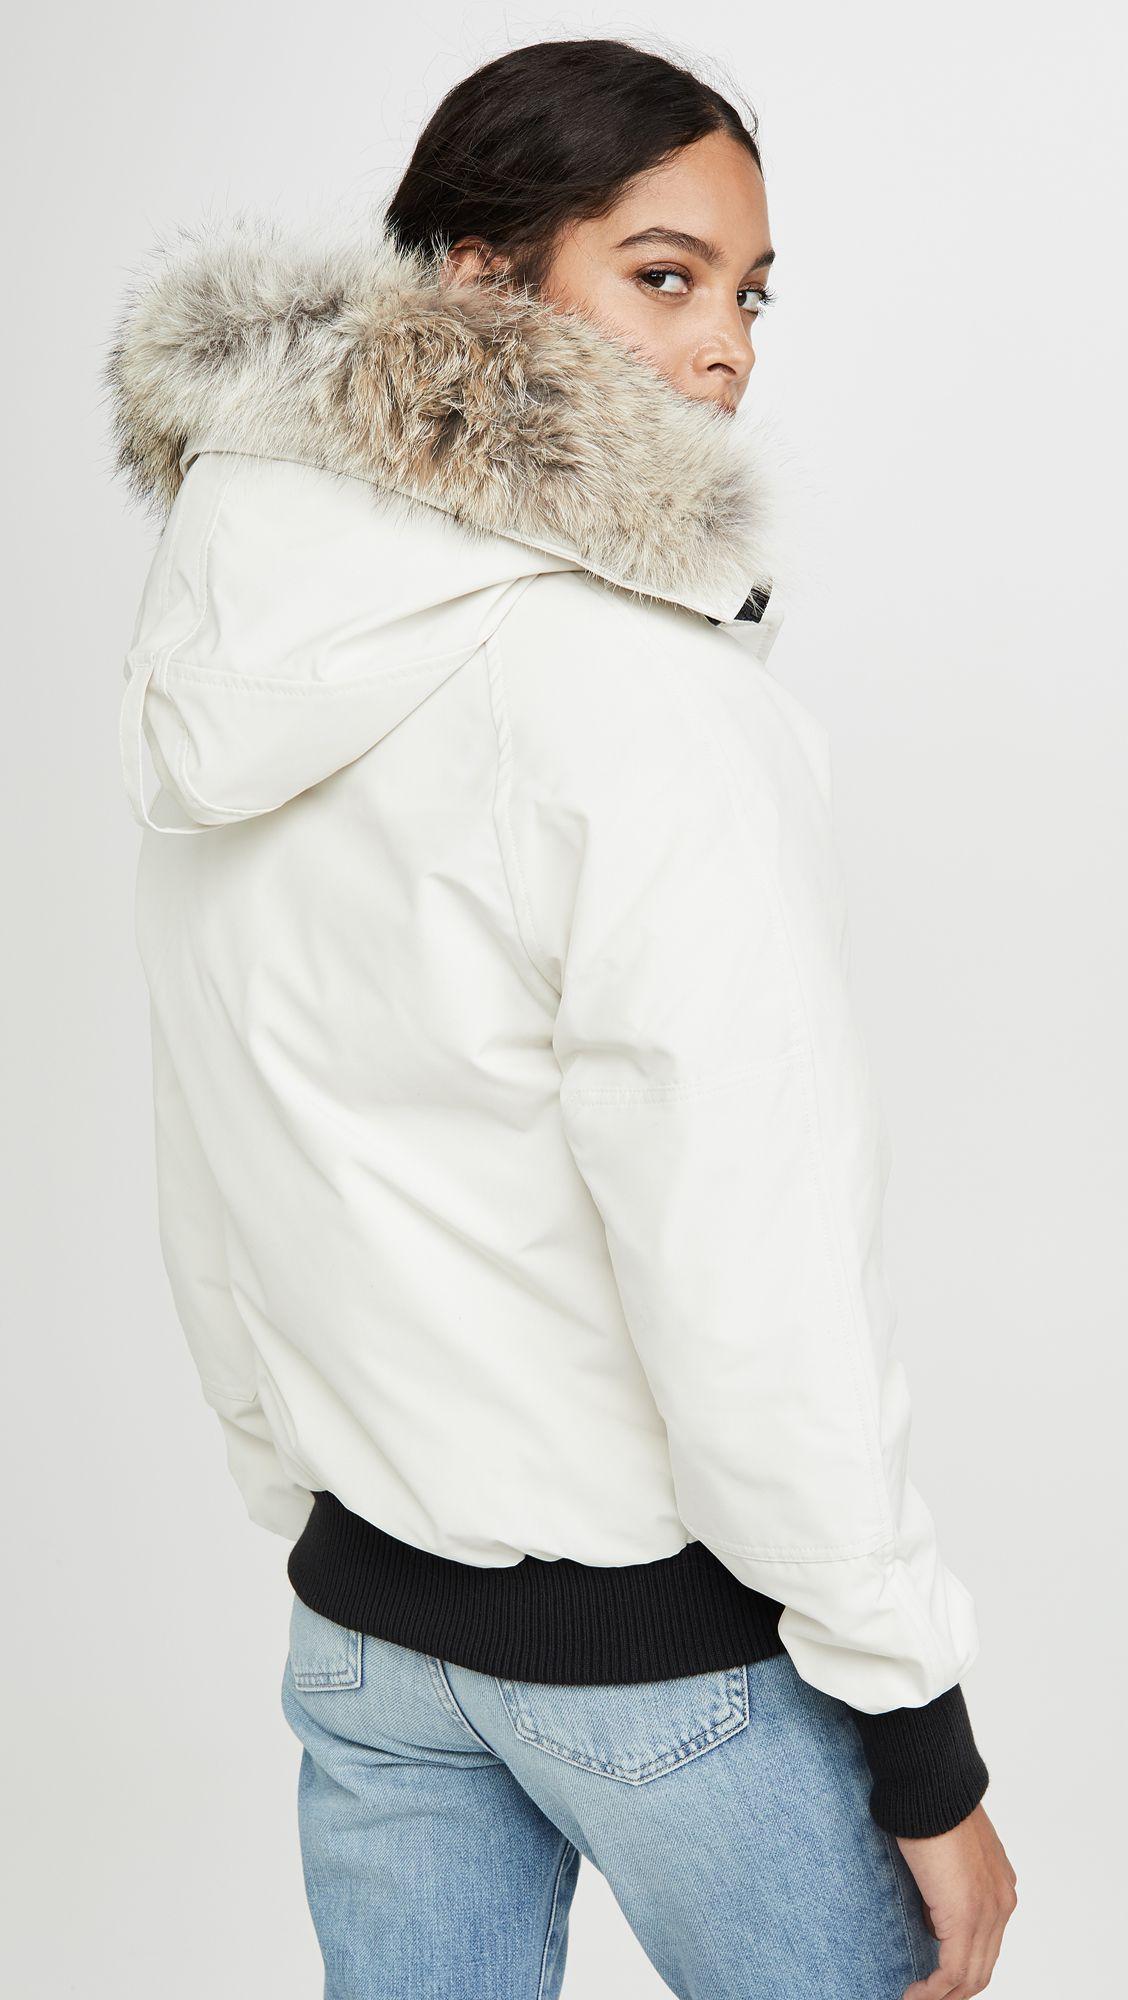 Canada Goose Chilliwack Bomber Jacket Shopbop Fashion Outfits Clothing Brand Bomber Jacket